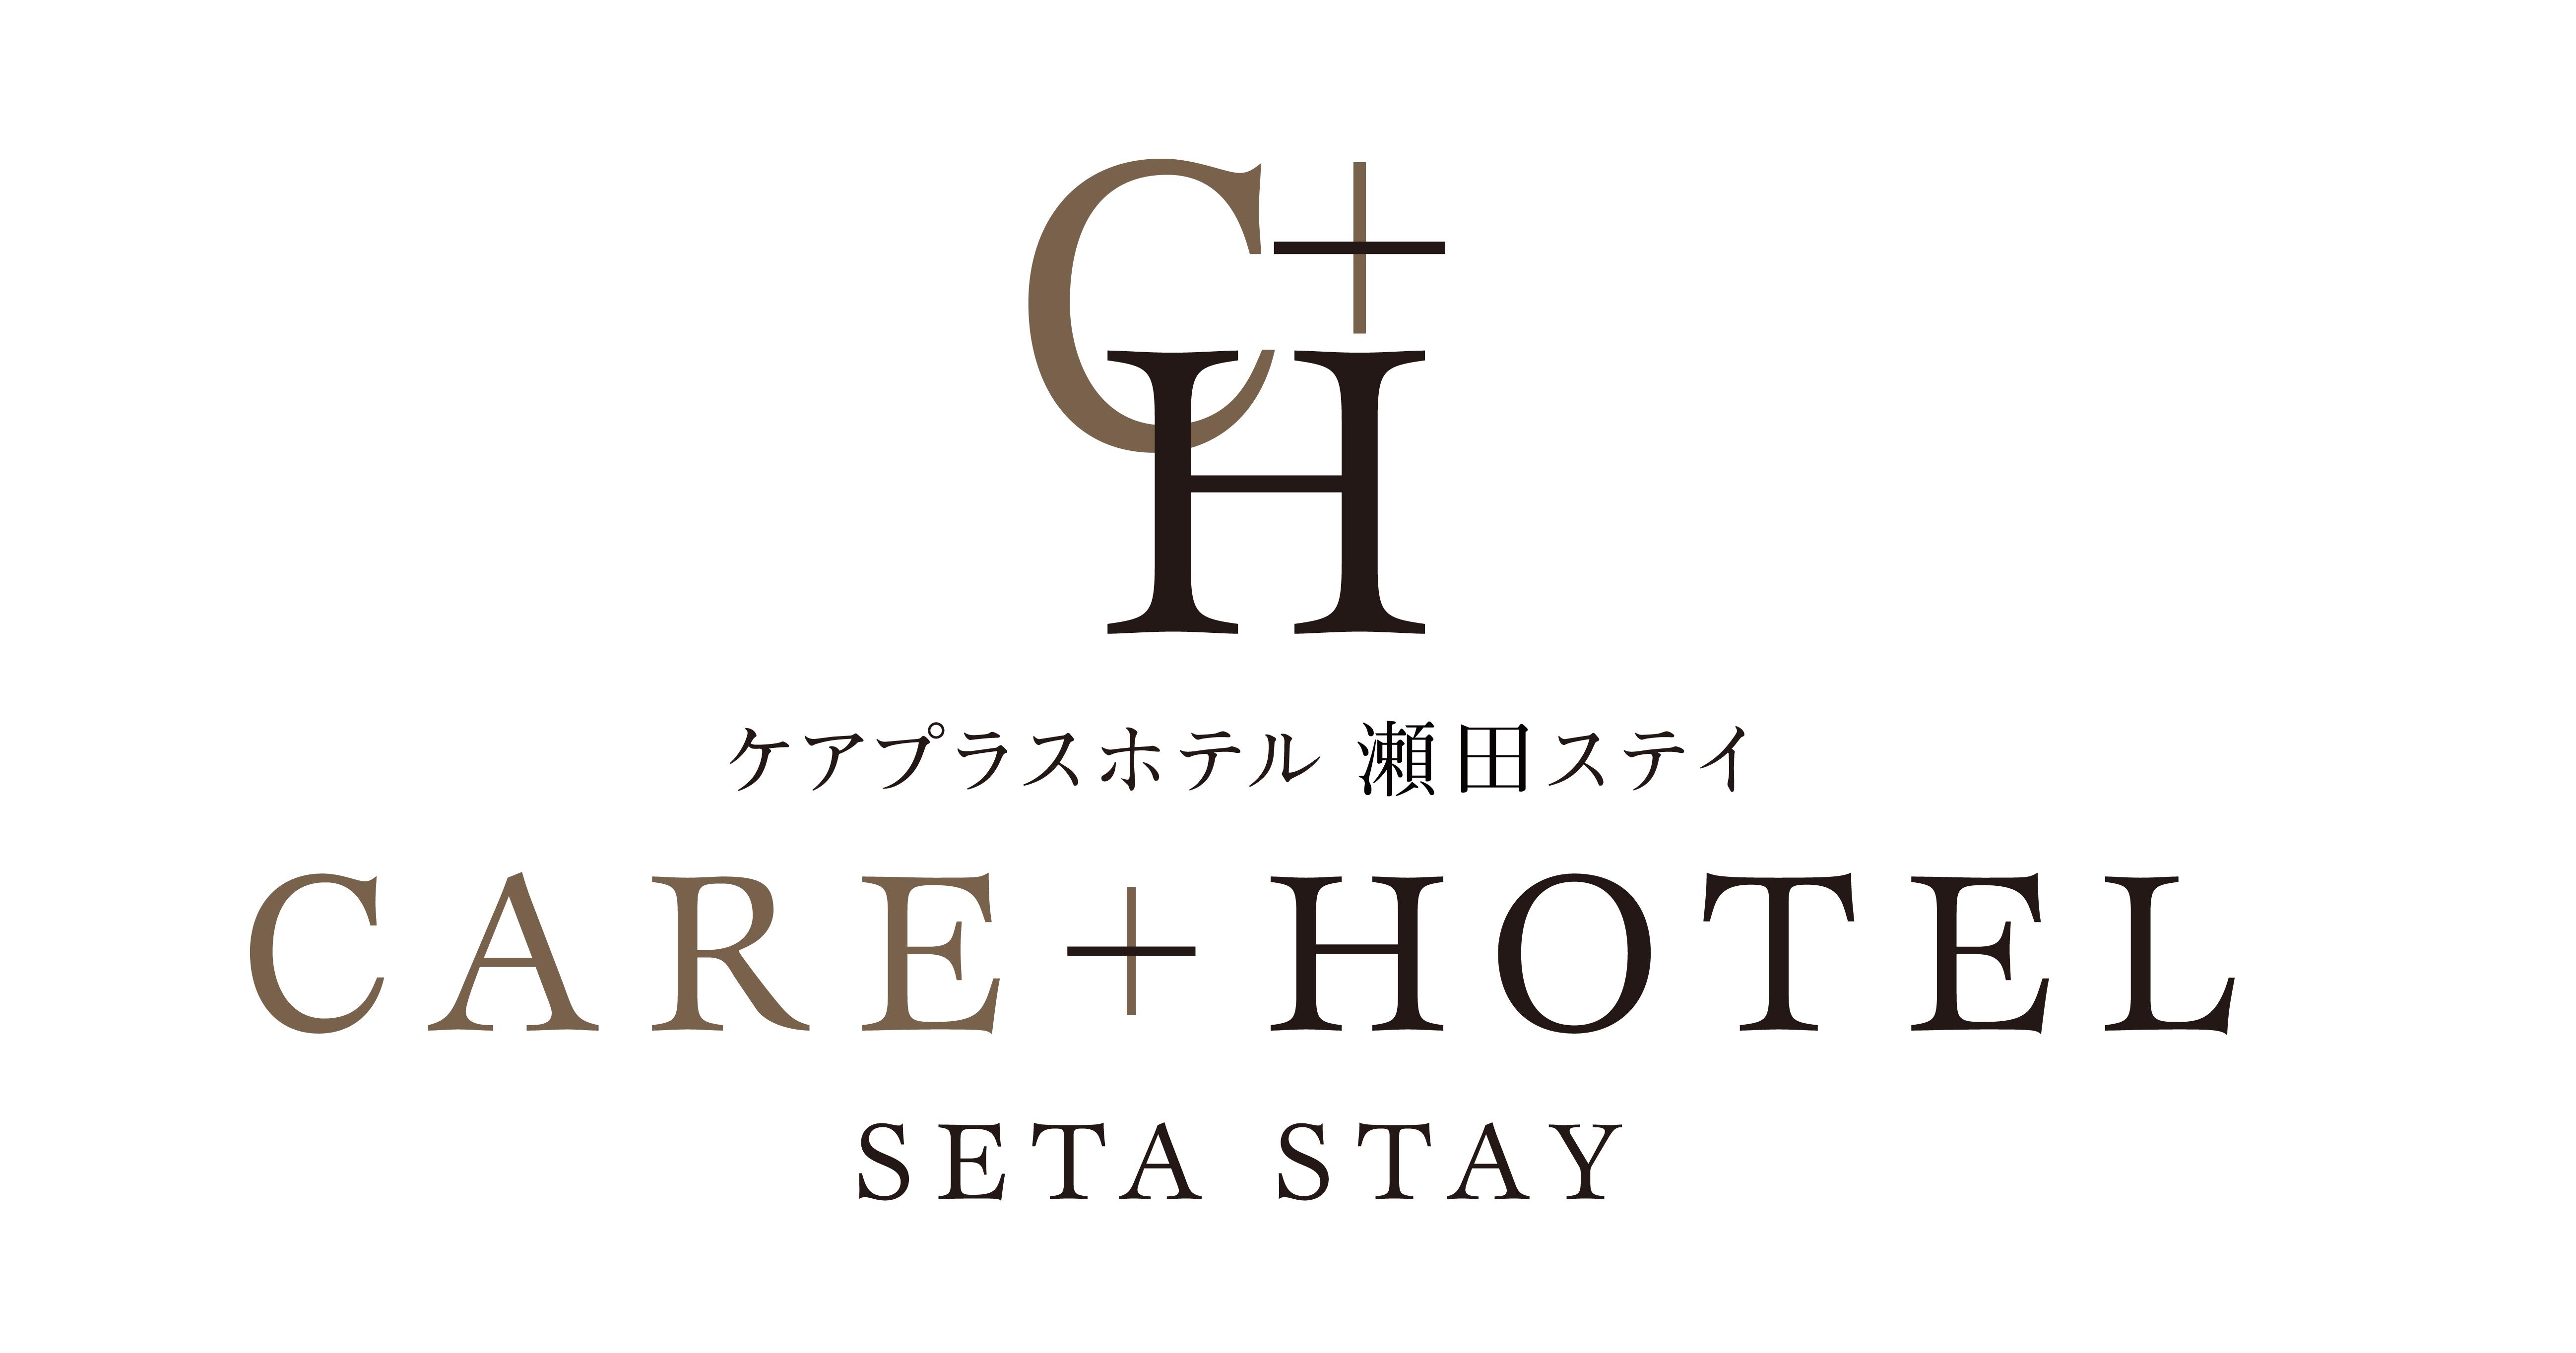 ケアプラスホテル 瀬田ステイ 6月1日グランドオープン!1